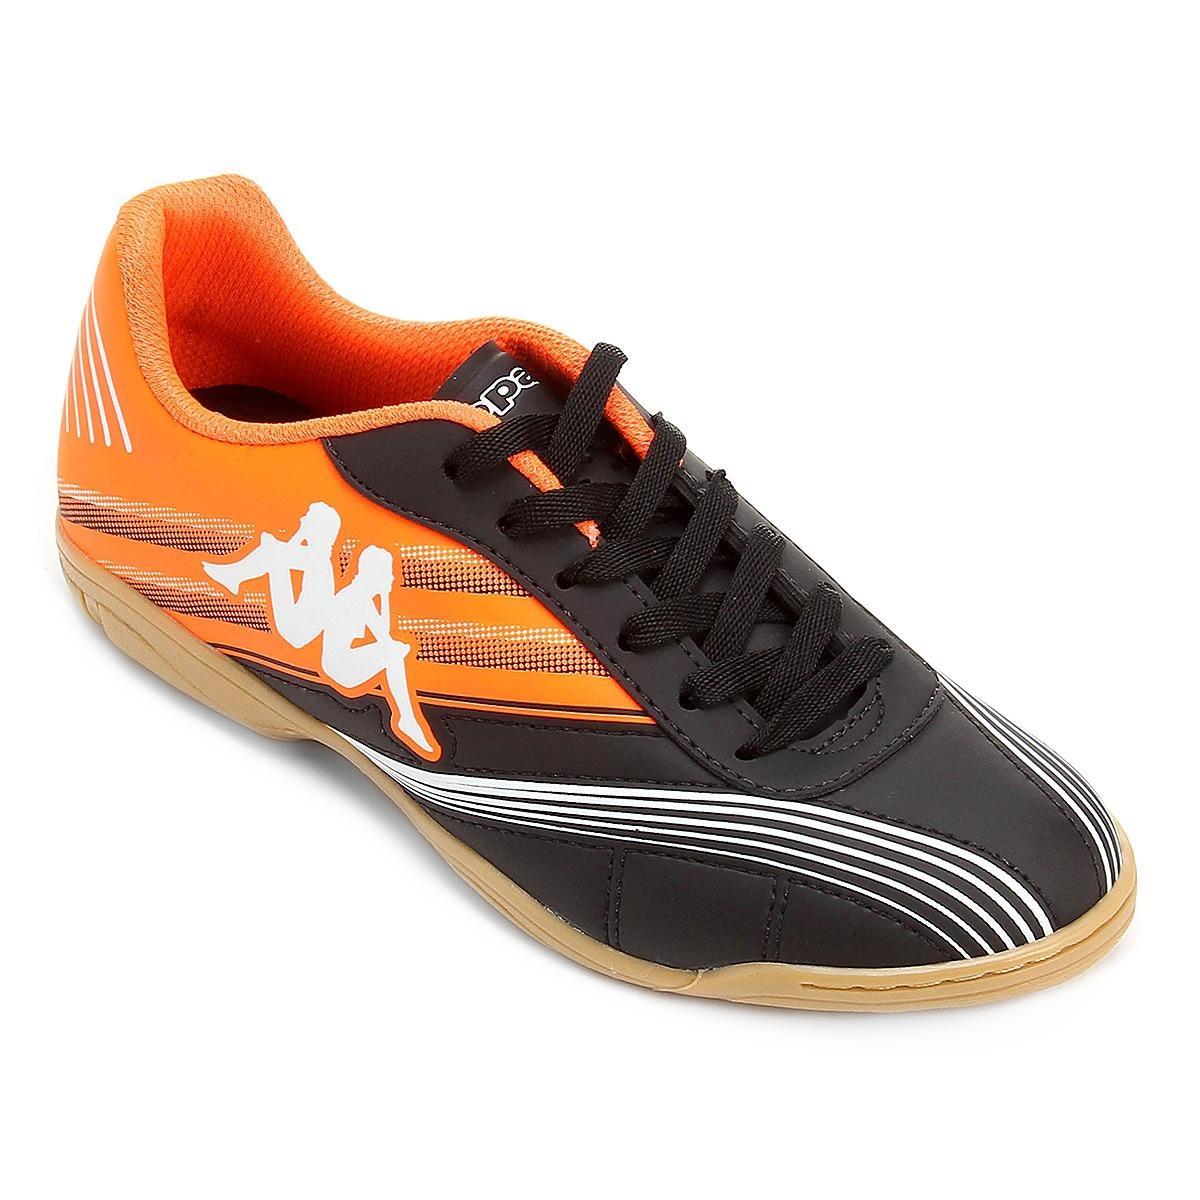 68174bbb1e chuteira futsal kappa crotone original preto e laranja. Carregando zoom.